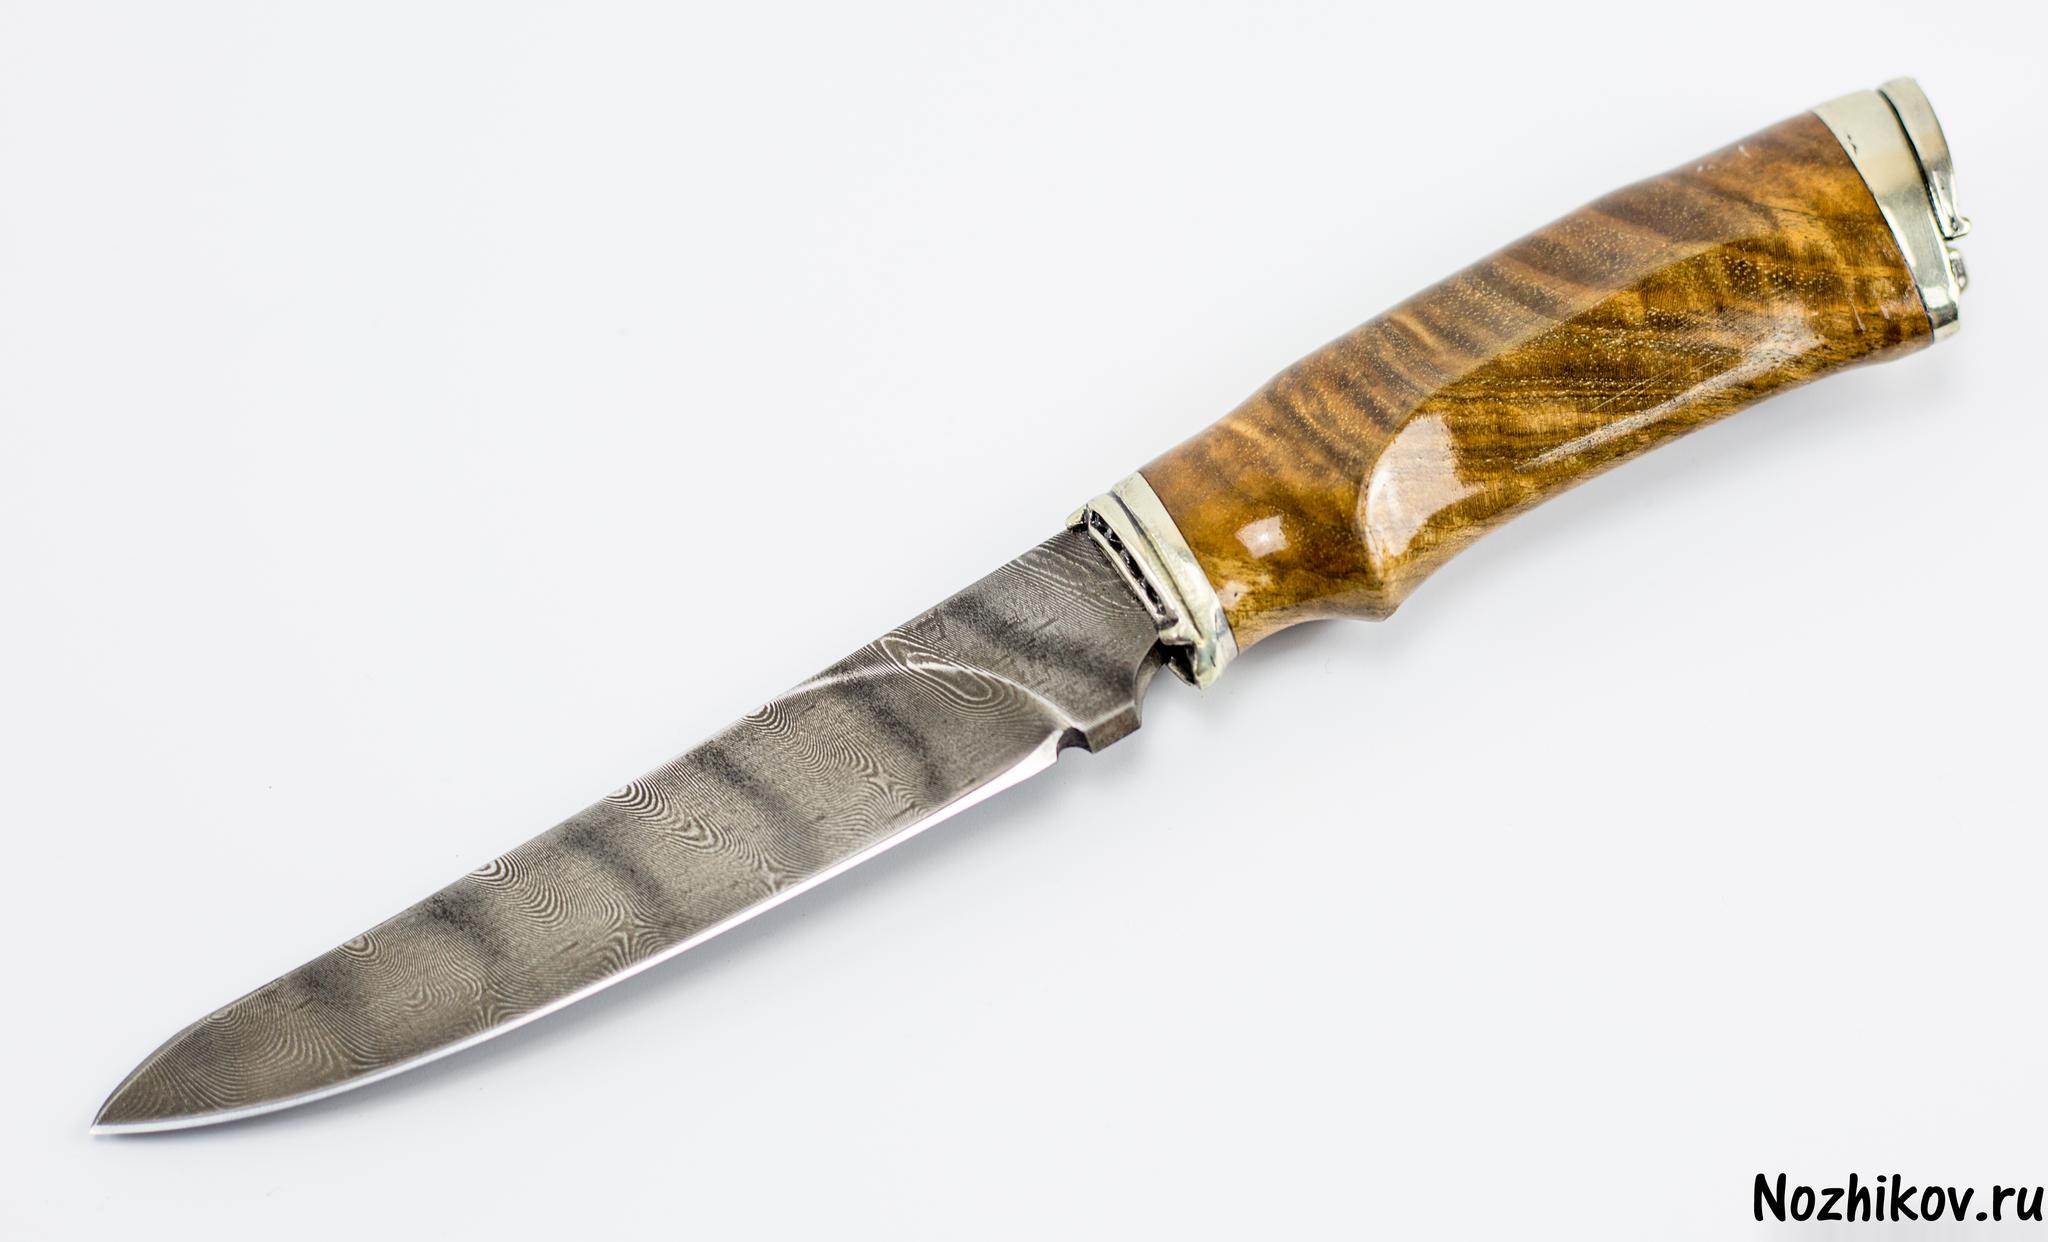 Авторский Нож из Дамаска №5, КизлярНожи Кизляр<br><br>